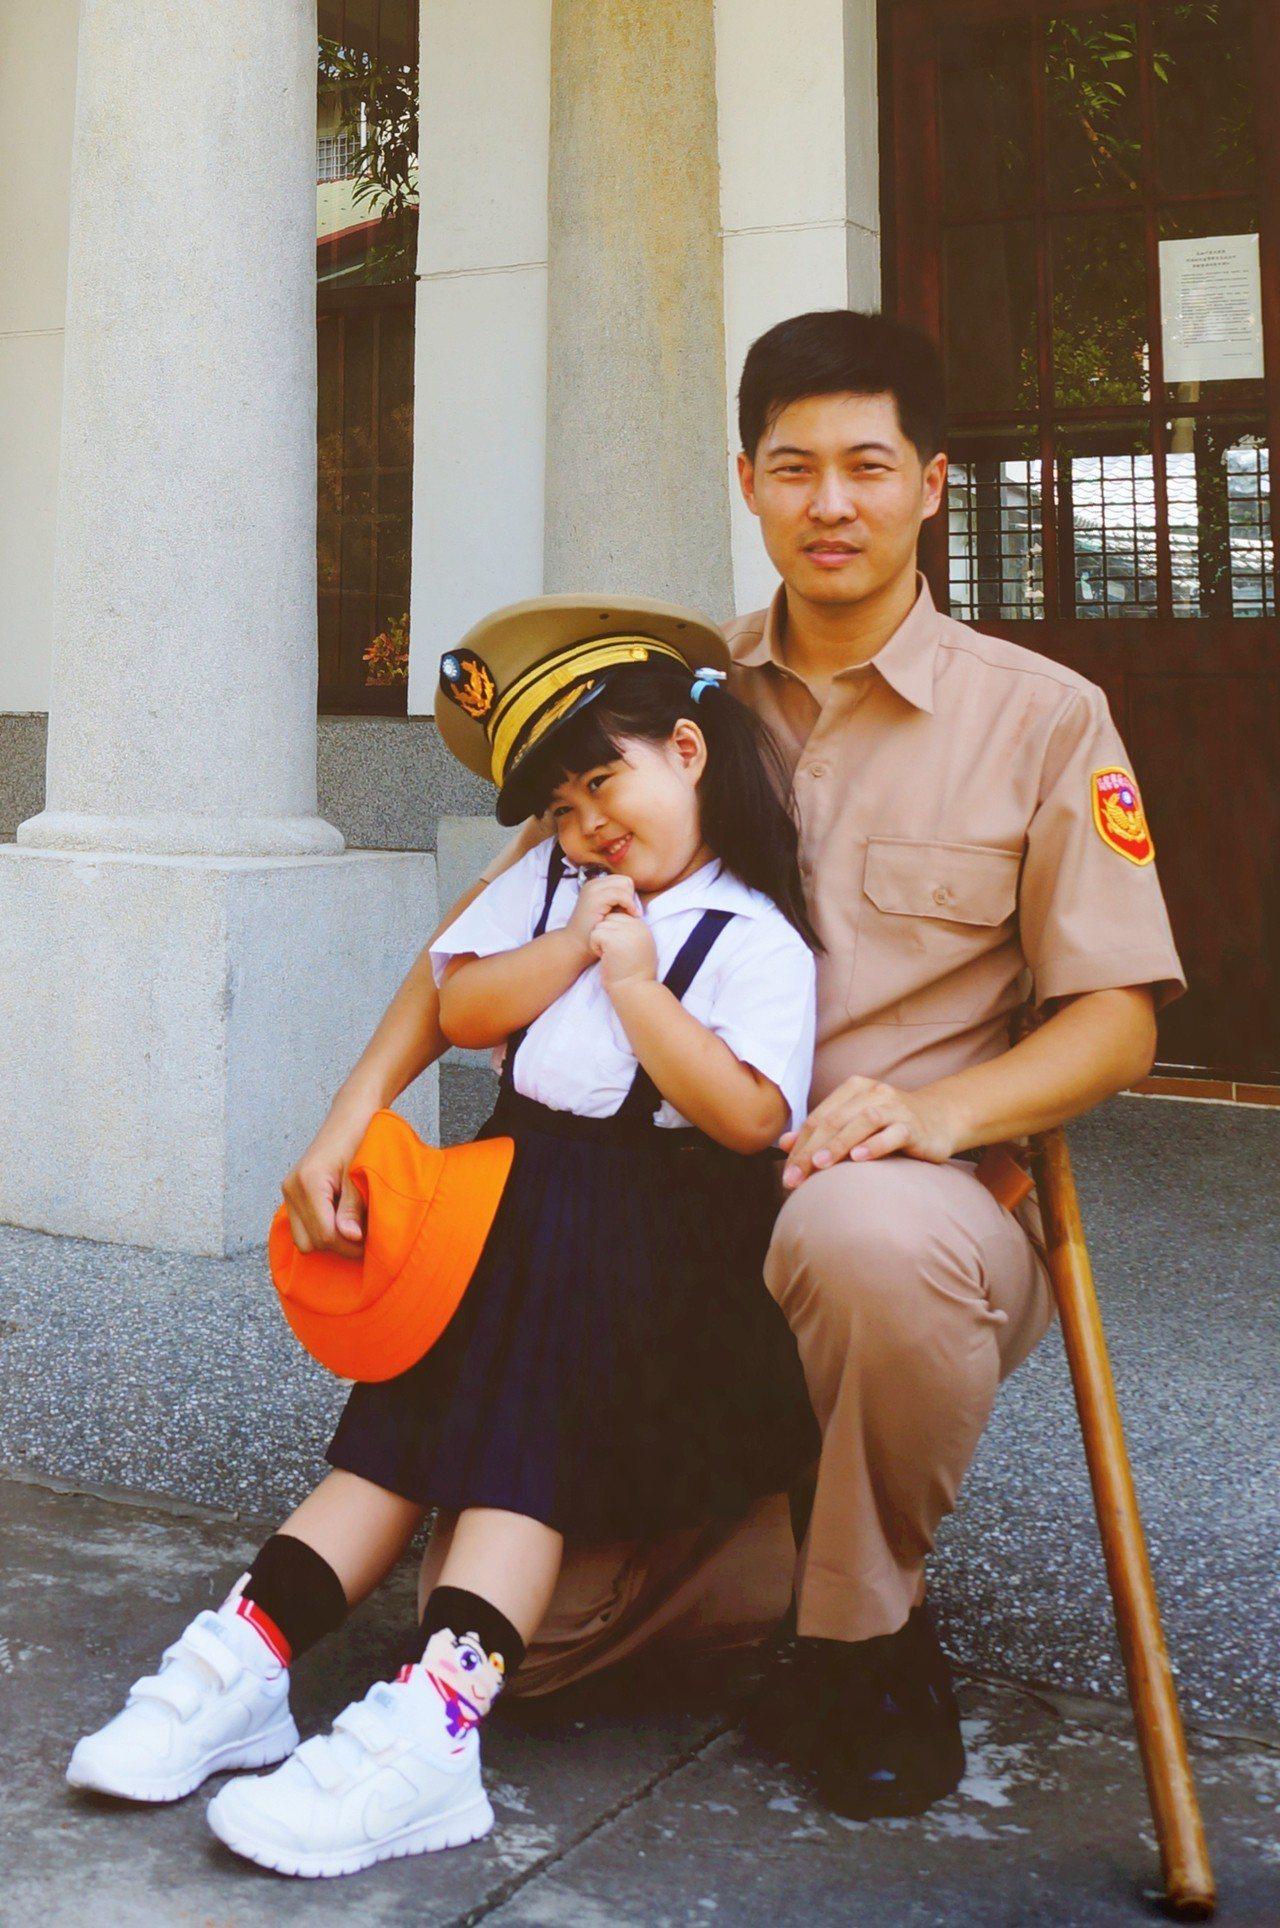 高市警局保安大隊員警孫小龍也換上卡其色警察制服,與女兒合照。圖/孫小龍提供